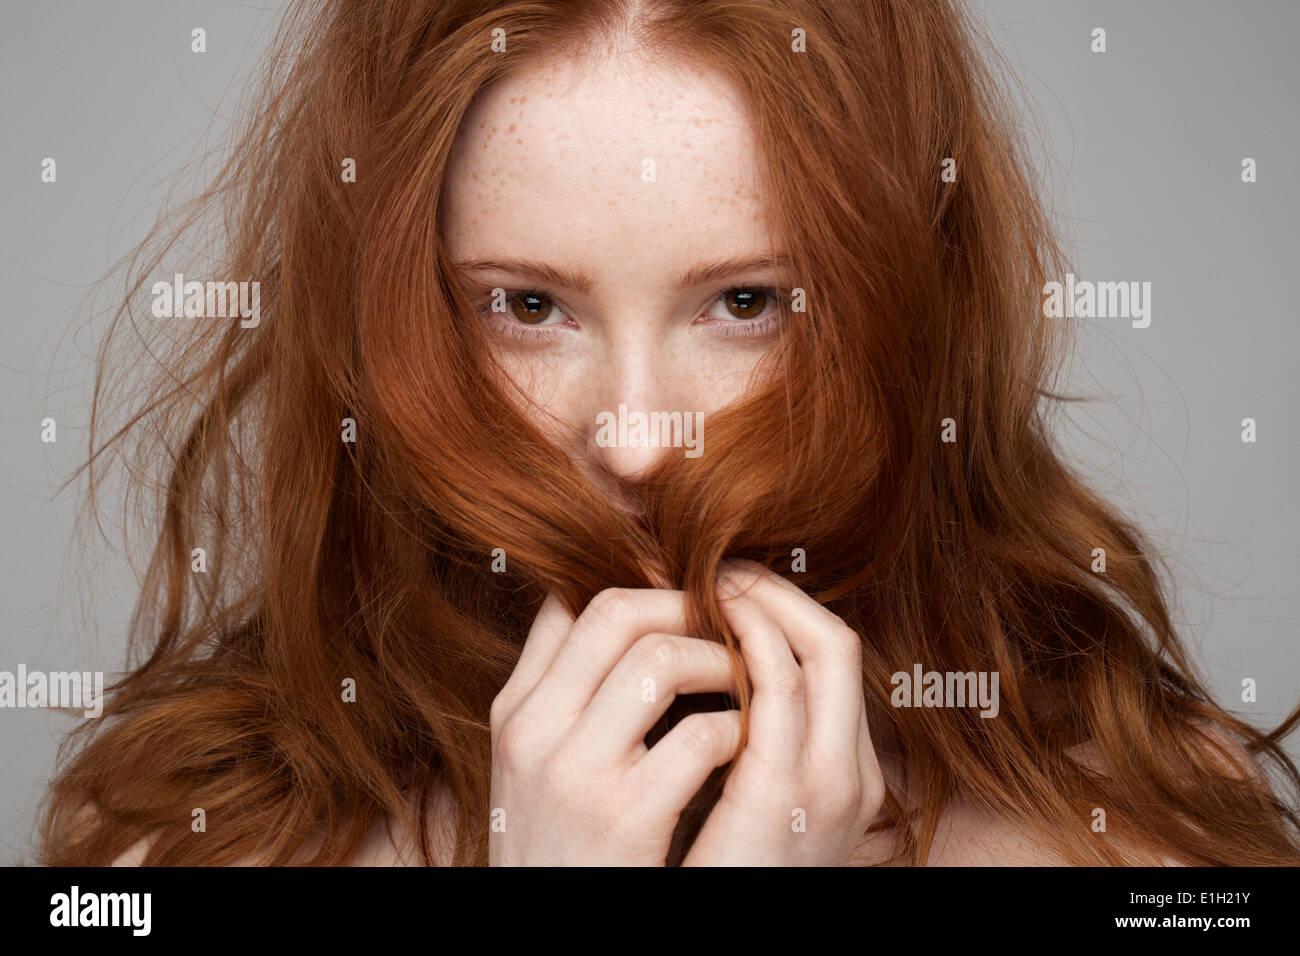 Retrato de mujer joven, las manos en el cabello Foto de stock